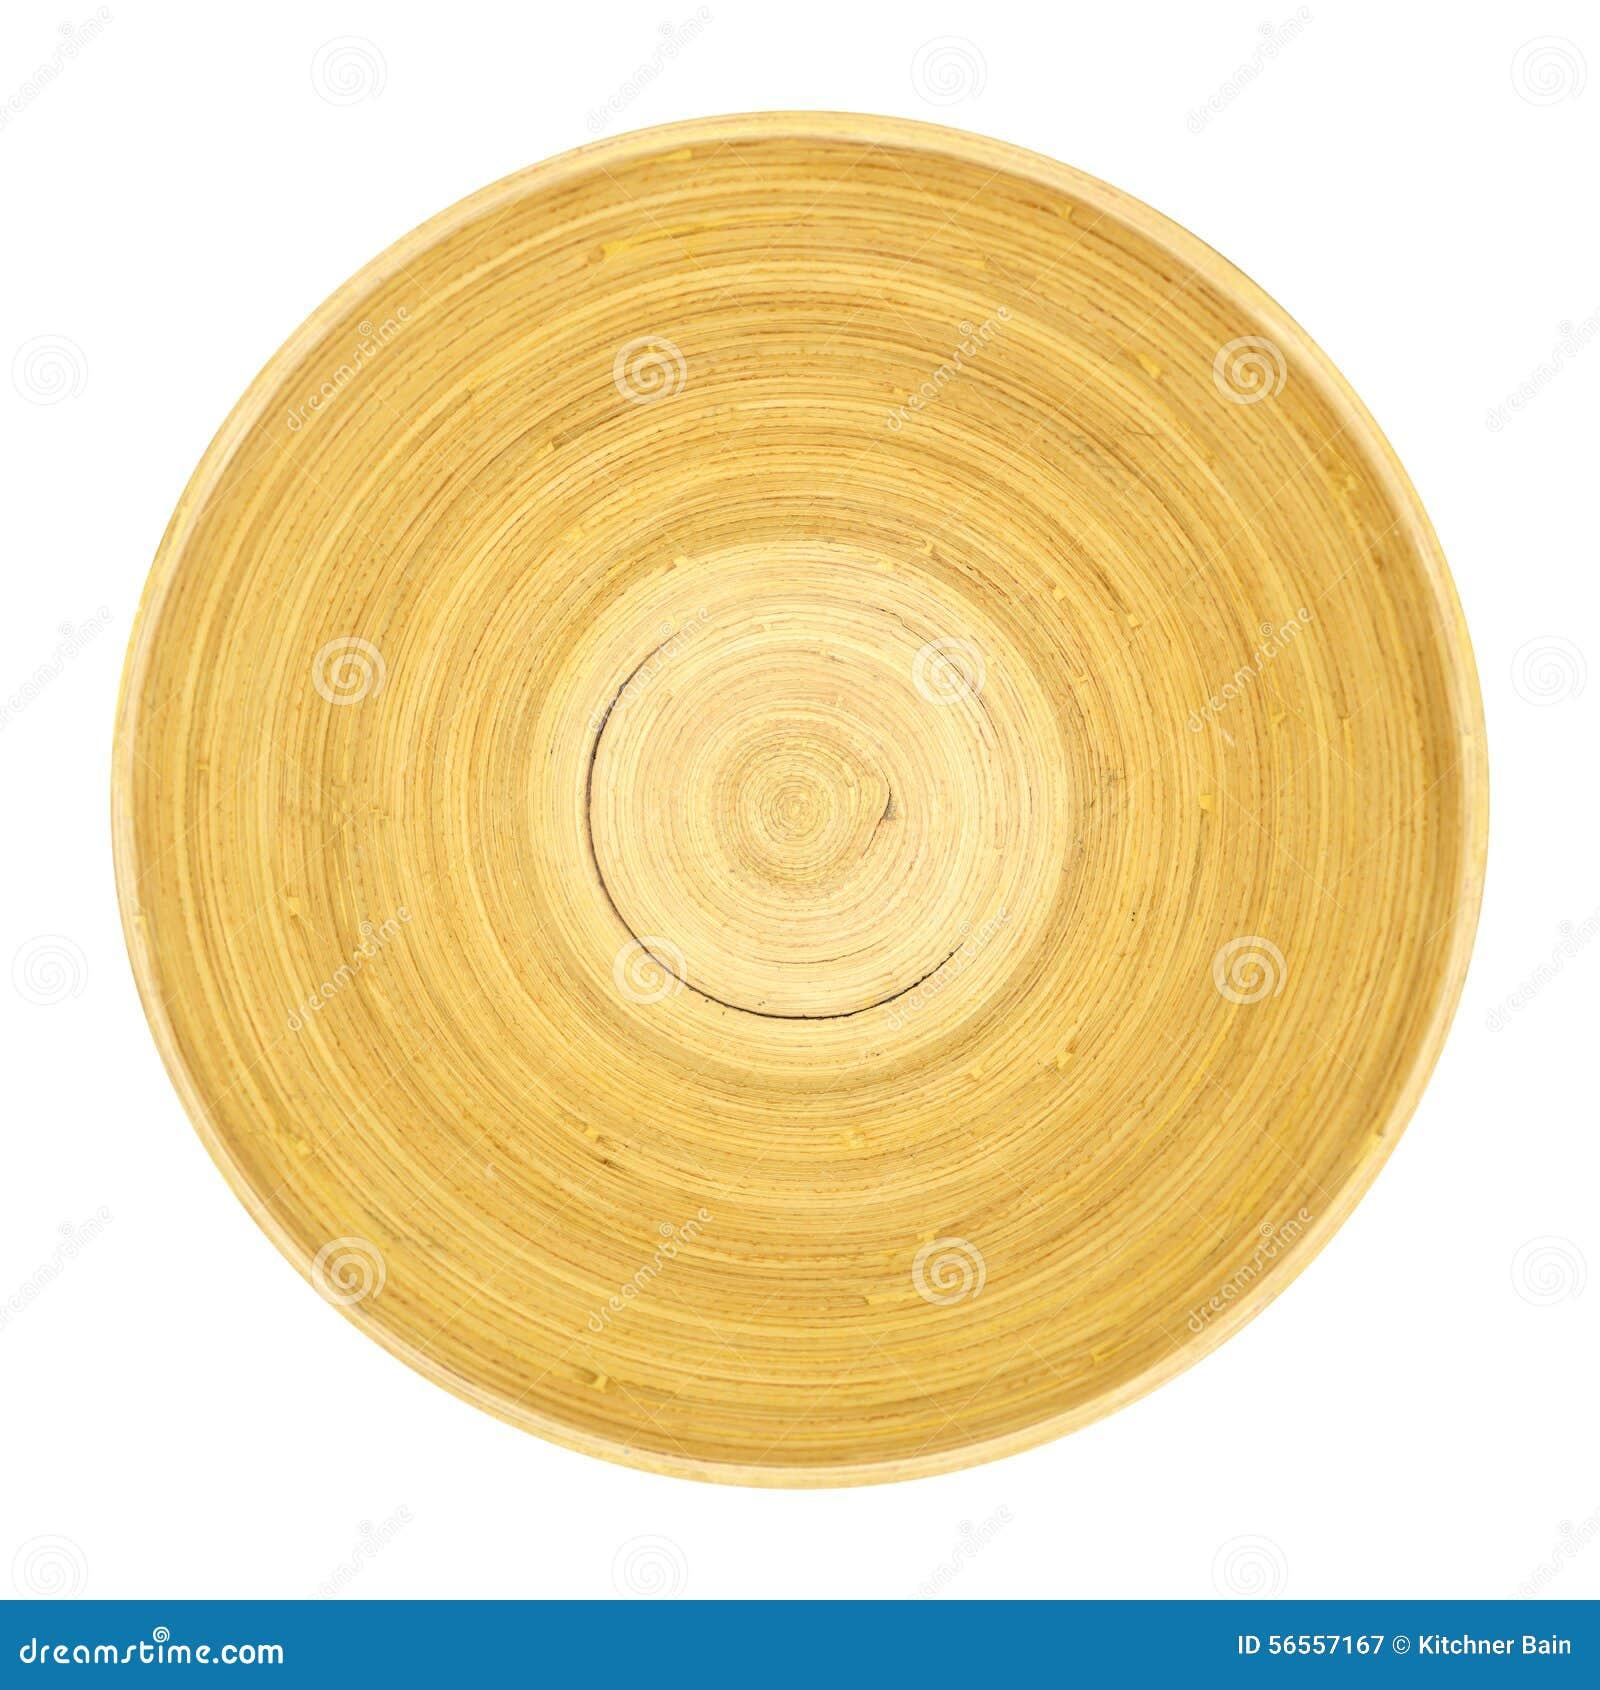 Download κύπελλο ξύλινο στοκ εικόνα. εικόνα από ένας, άσπρος, απλός - 56557167